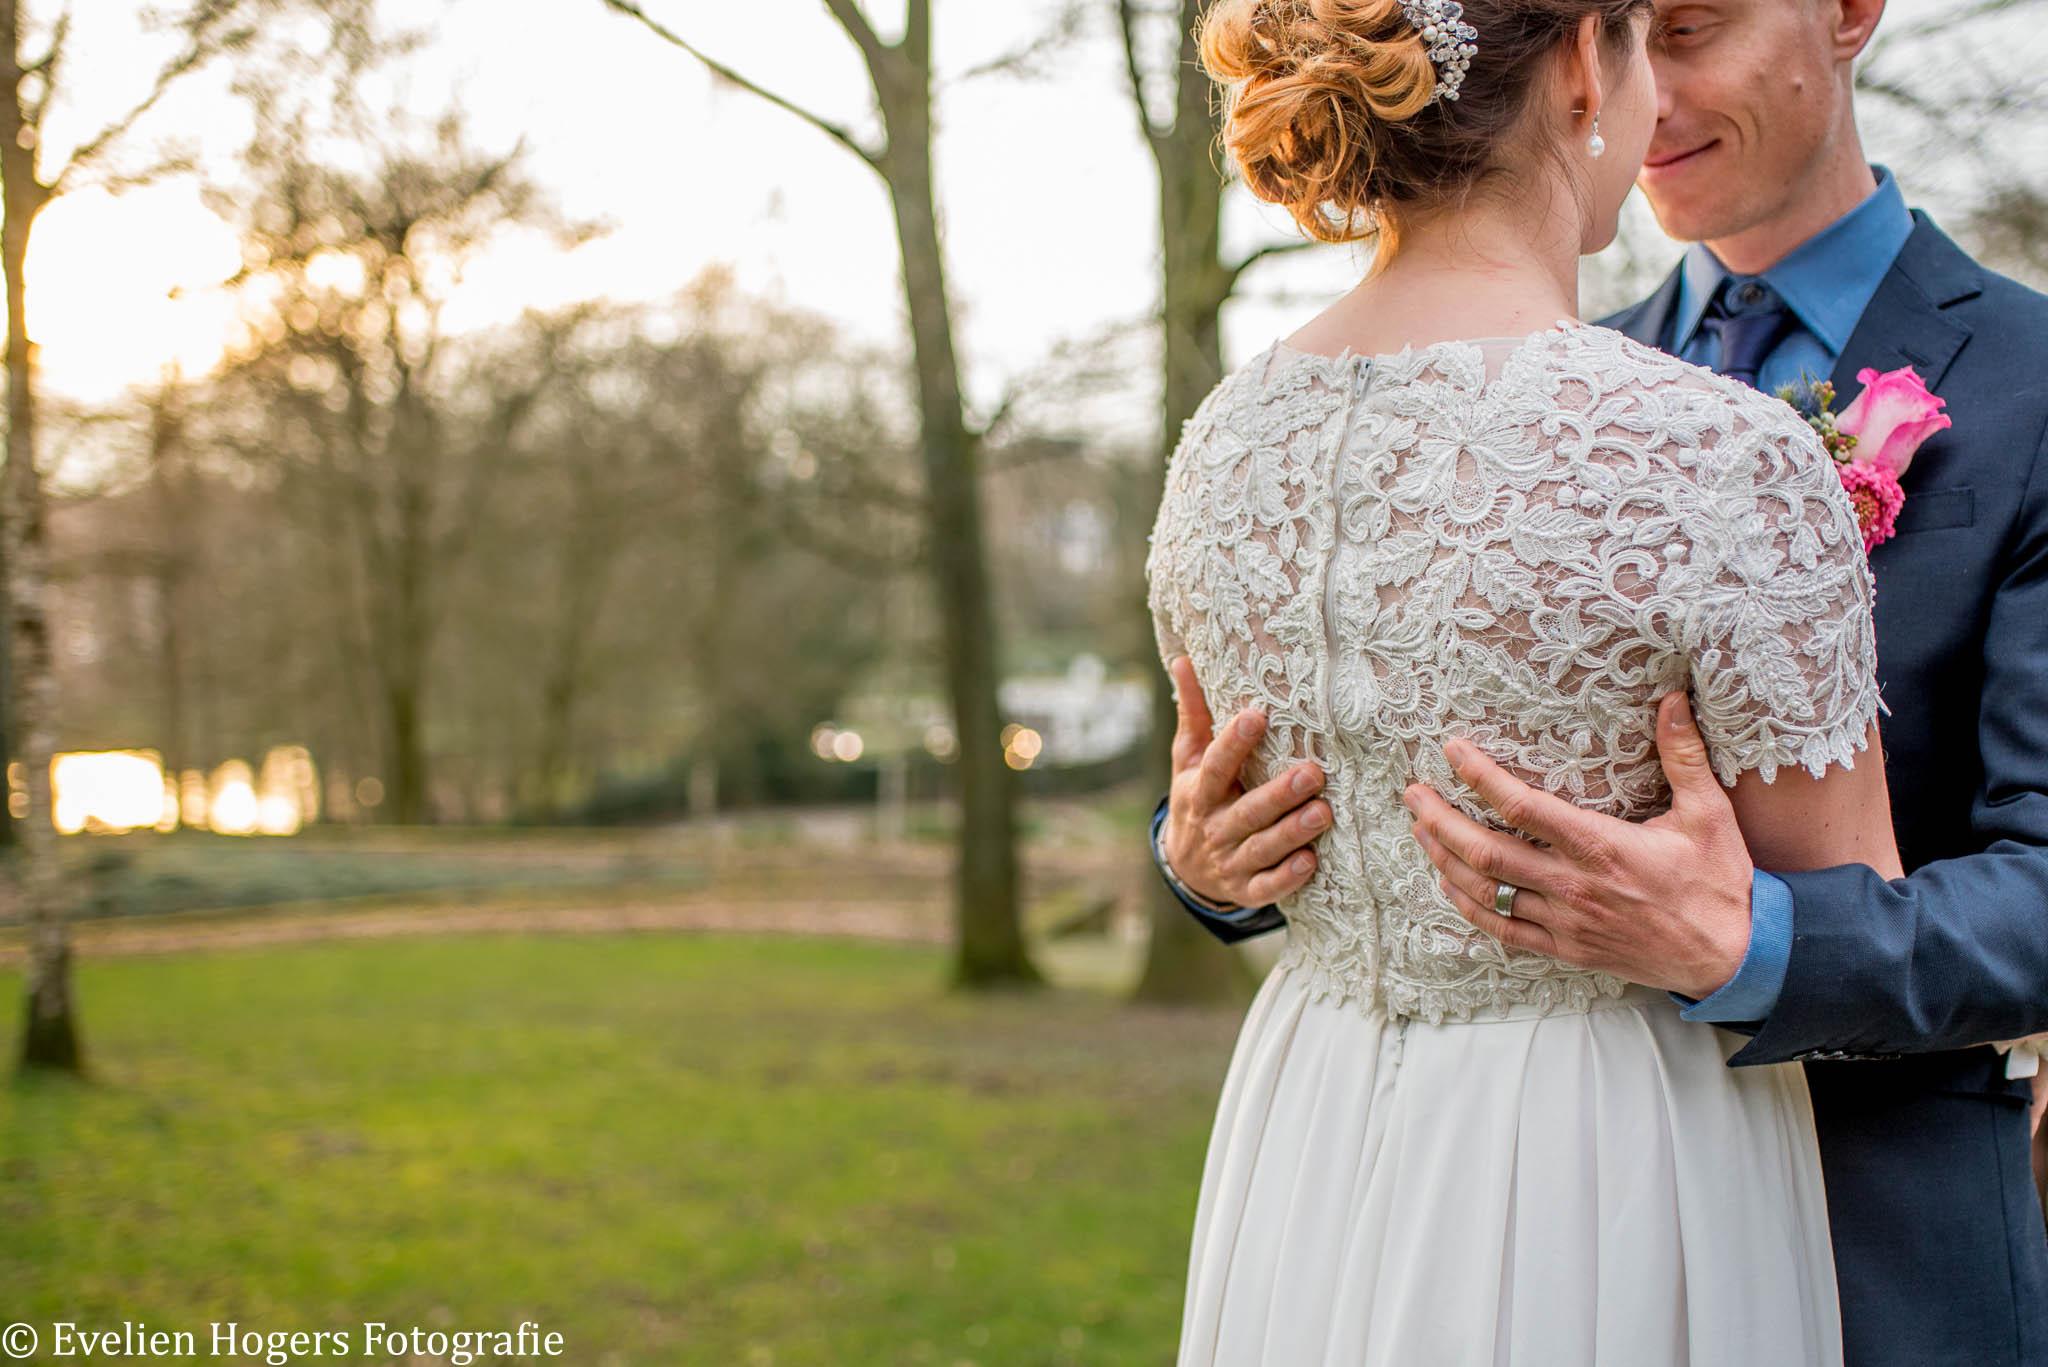 Estate_wedding_Metwatermerk-81.jpg